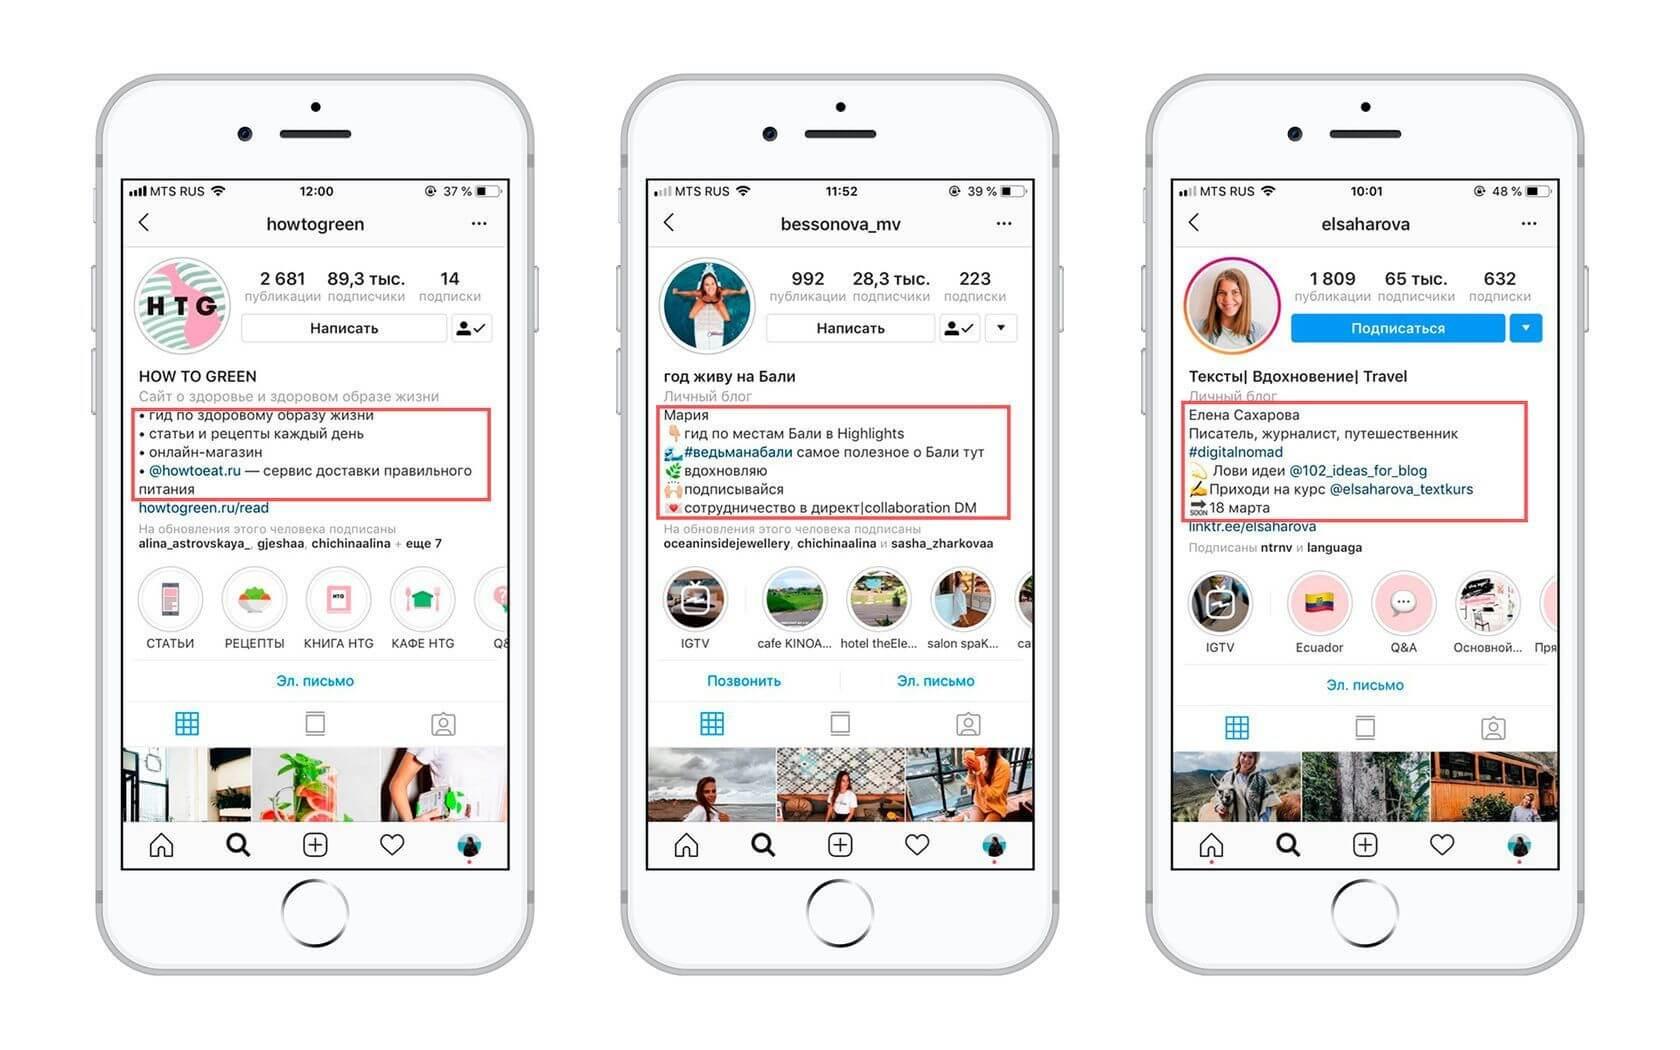 Как оформить профиль в инстаграм: рекомендации и инструкции